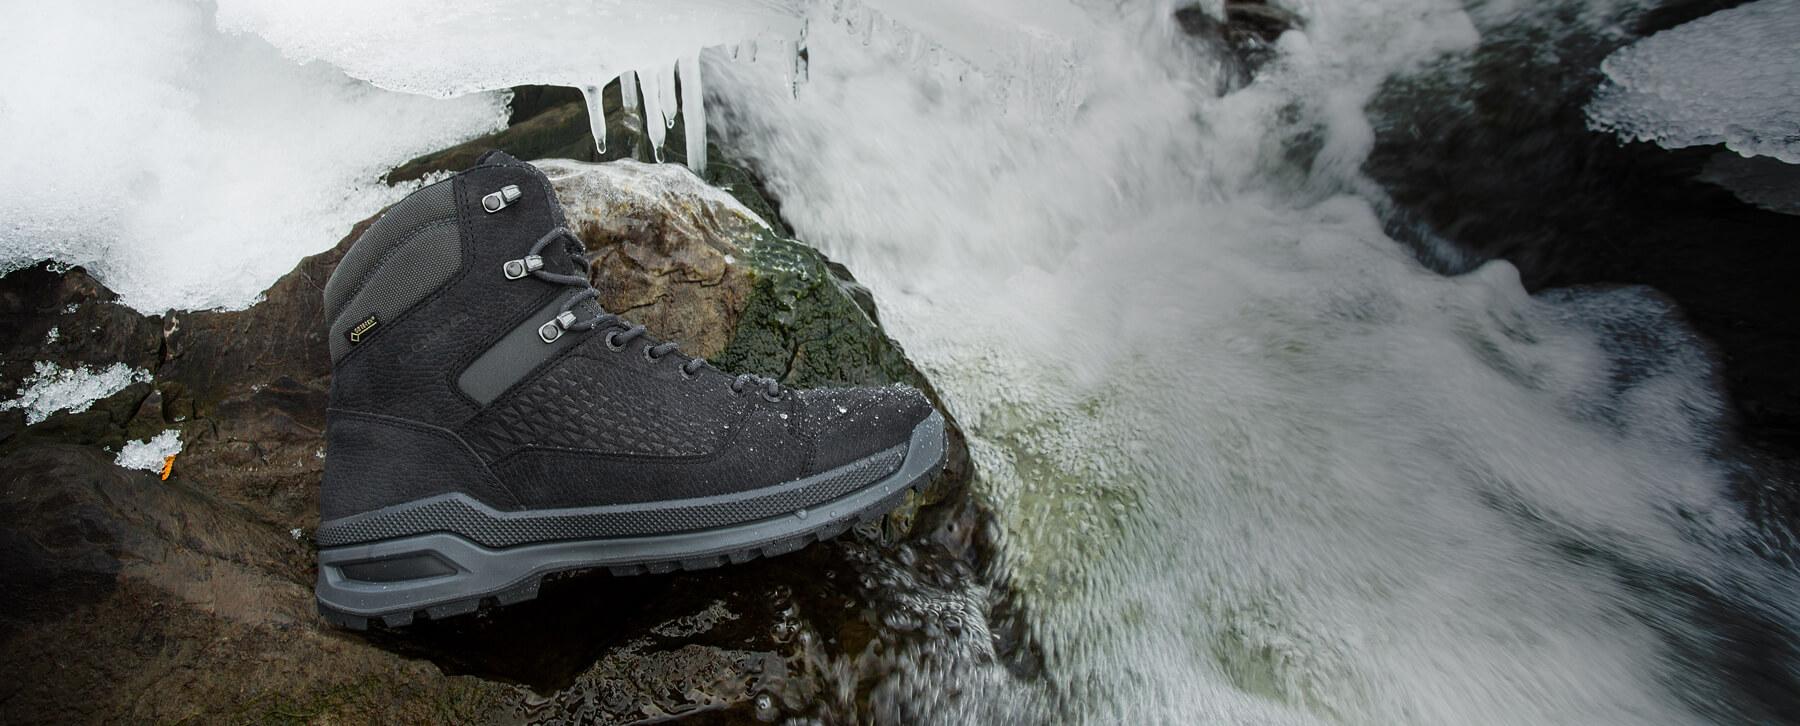 Une botte d'hiver LOWA Locarno ICE GTX MID MID sur un rocher près d'une chute d'eau pendant l'hiver.